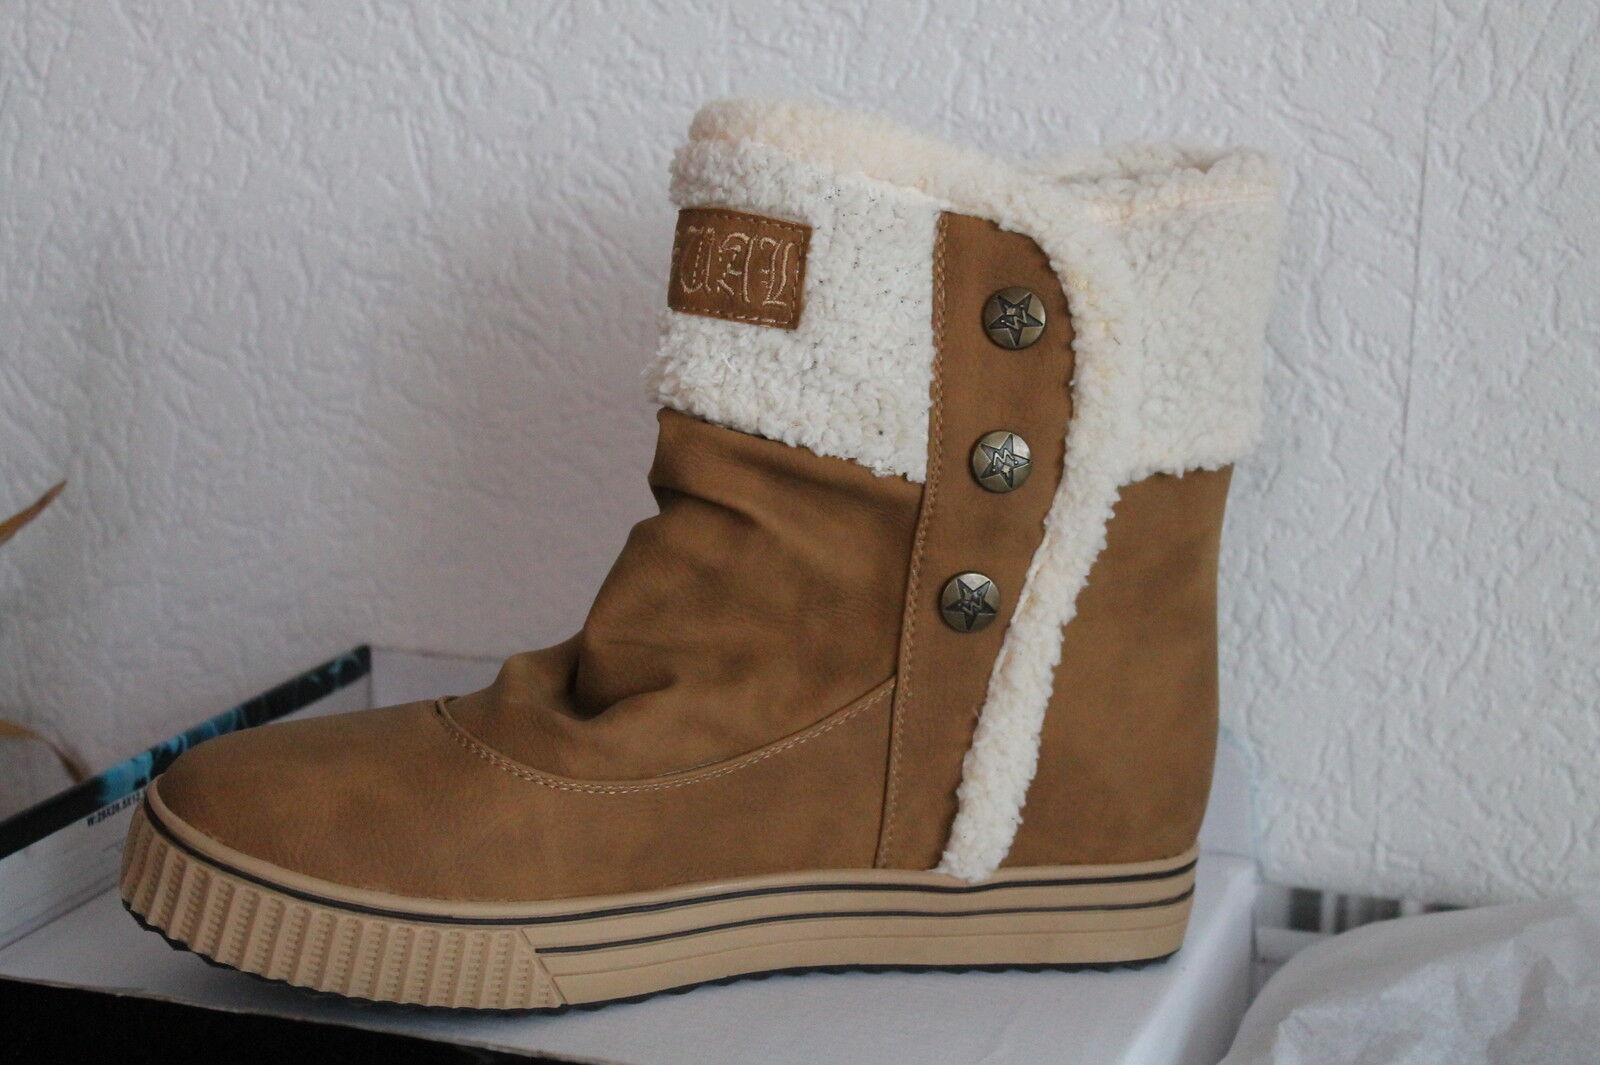 Damen Stiefeletten  Winter Schuhe Stiefel gefüttert Knöchelschuhe Fellrand